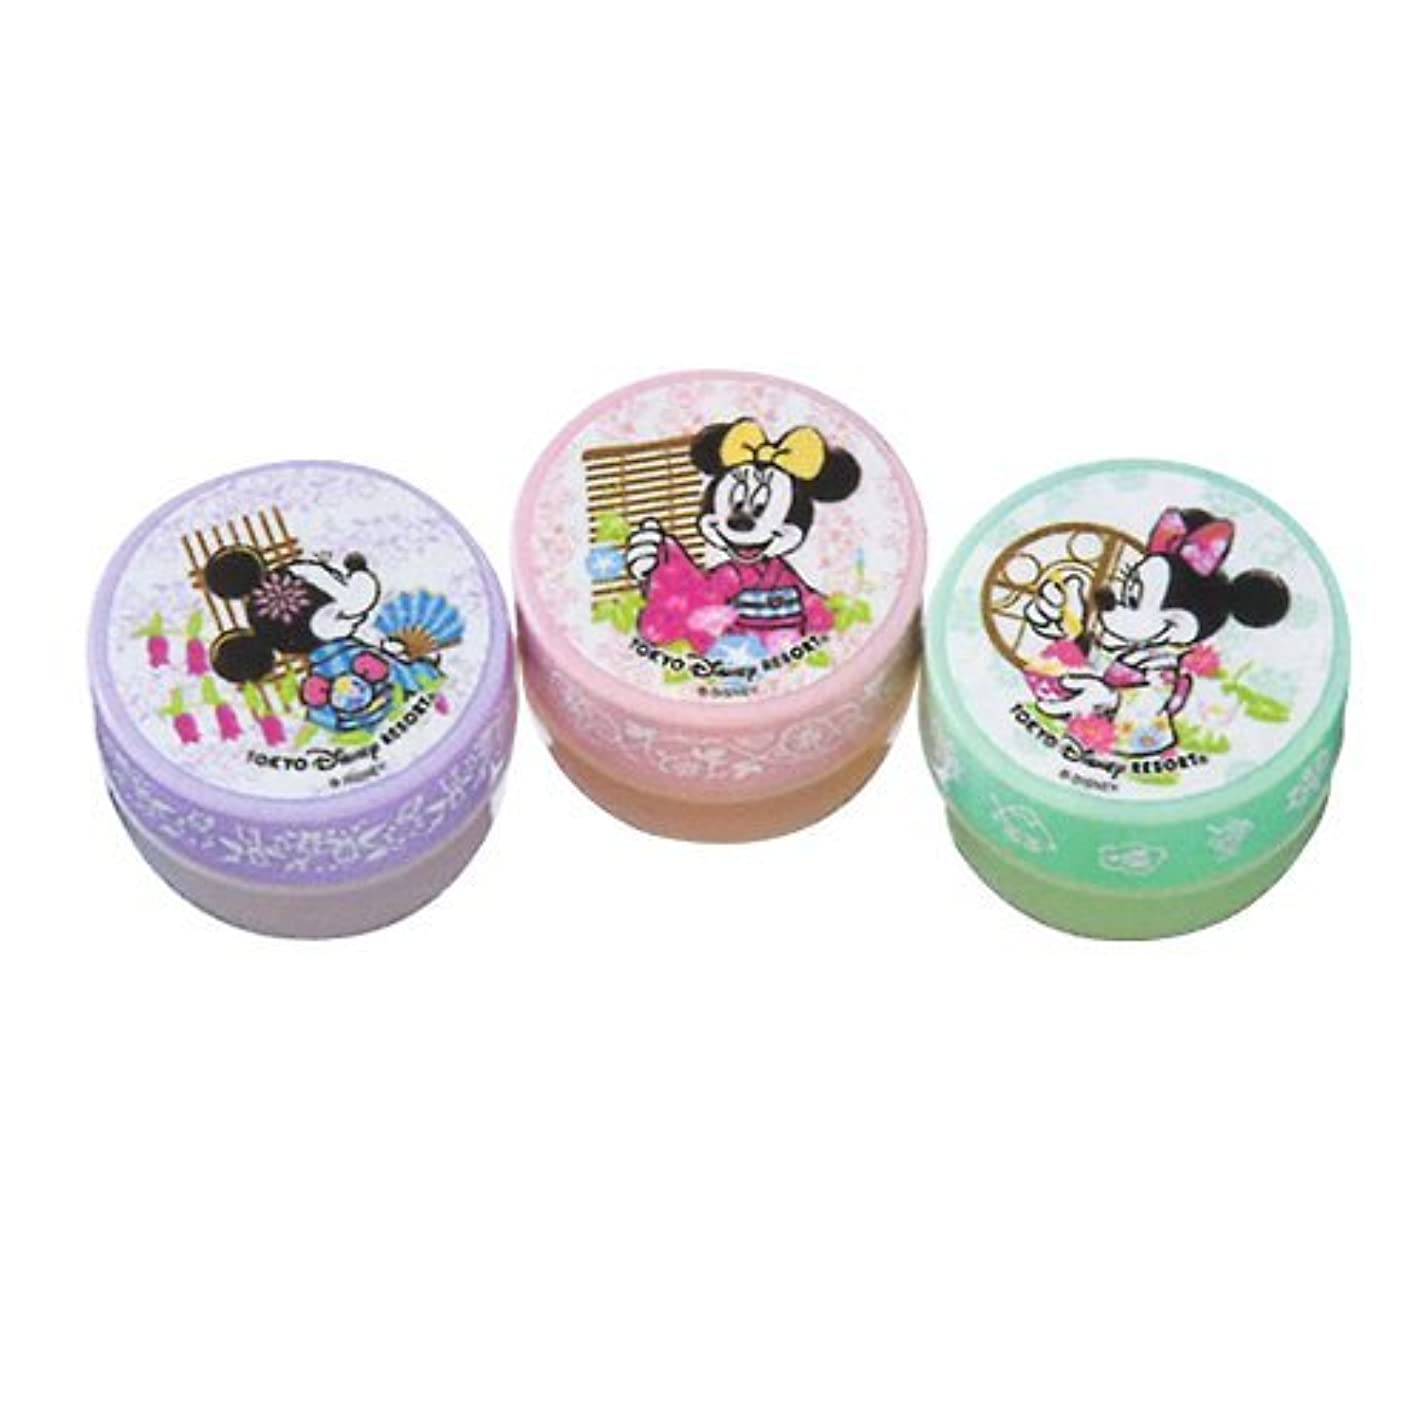 きらめく利点またねミニーマウス ハンドクリームセット 浴衣柄 【東京ディズニーリゾート限定】